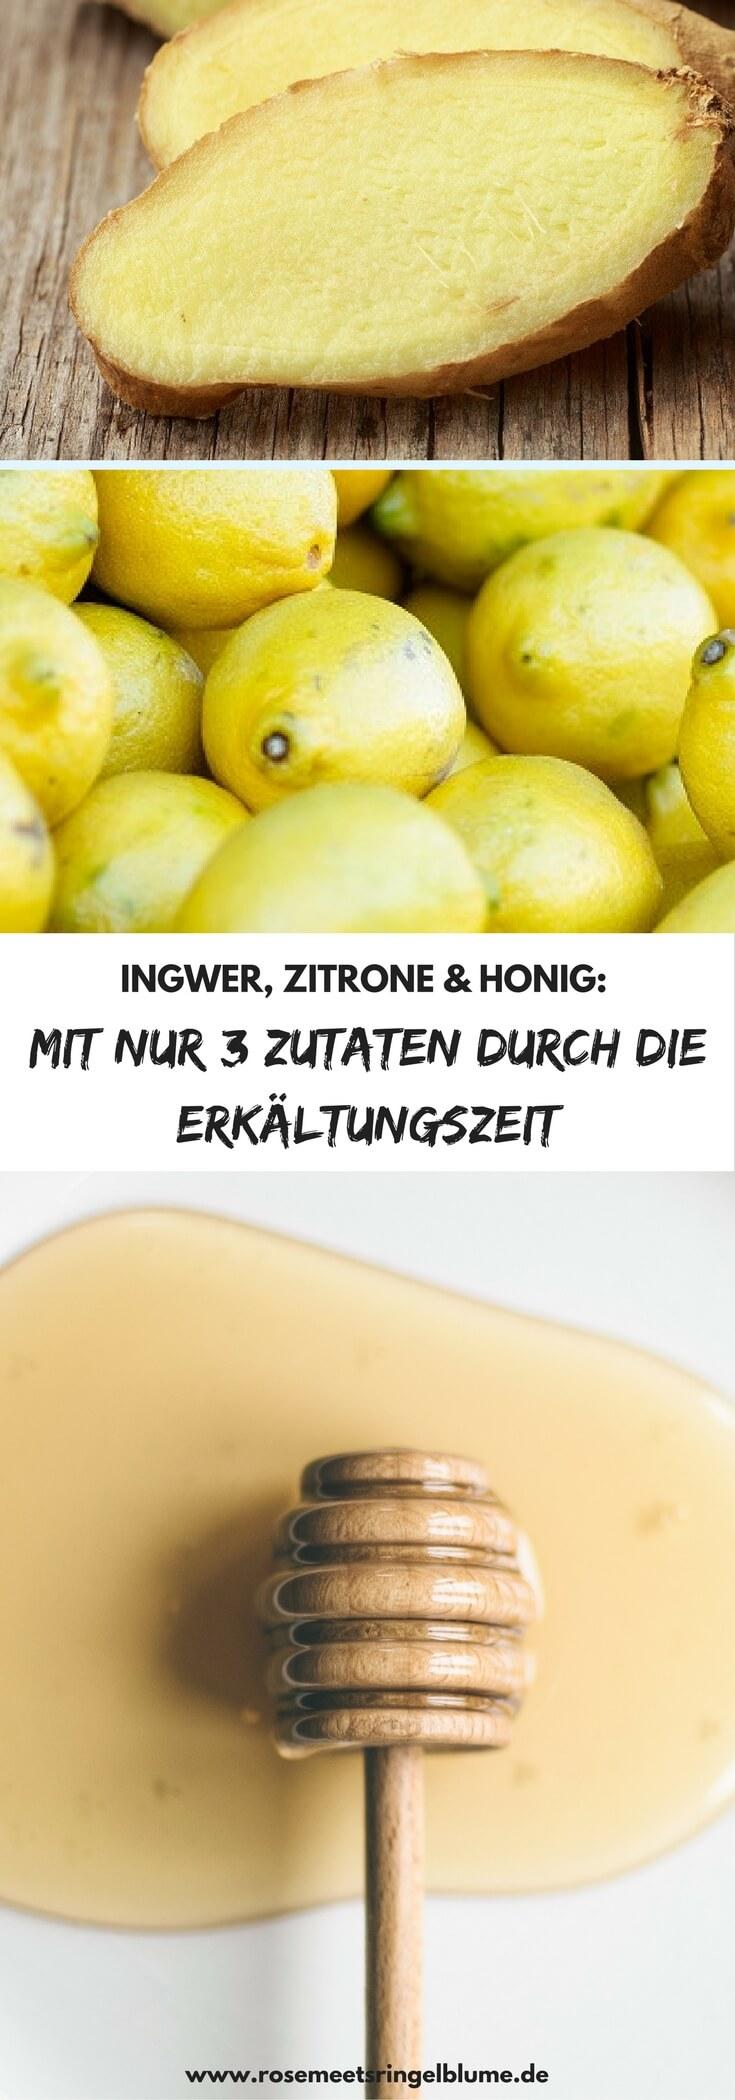 Ingwer Zitrone Honig als wirkungsvolles Mittel gegen Erkältungen